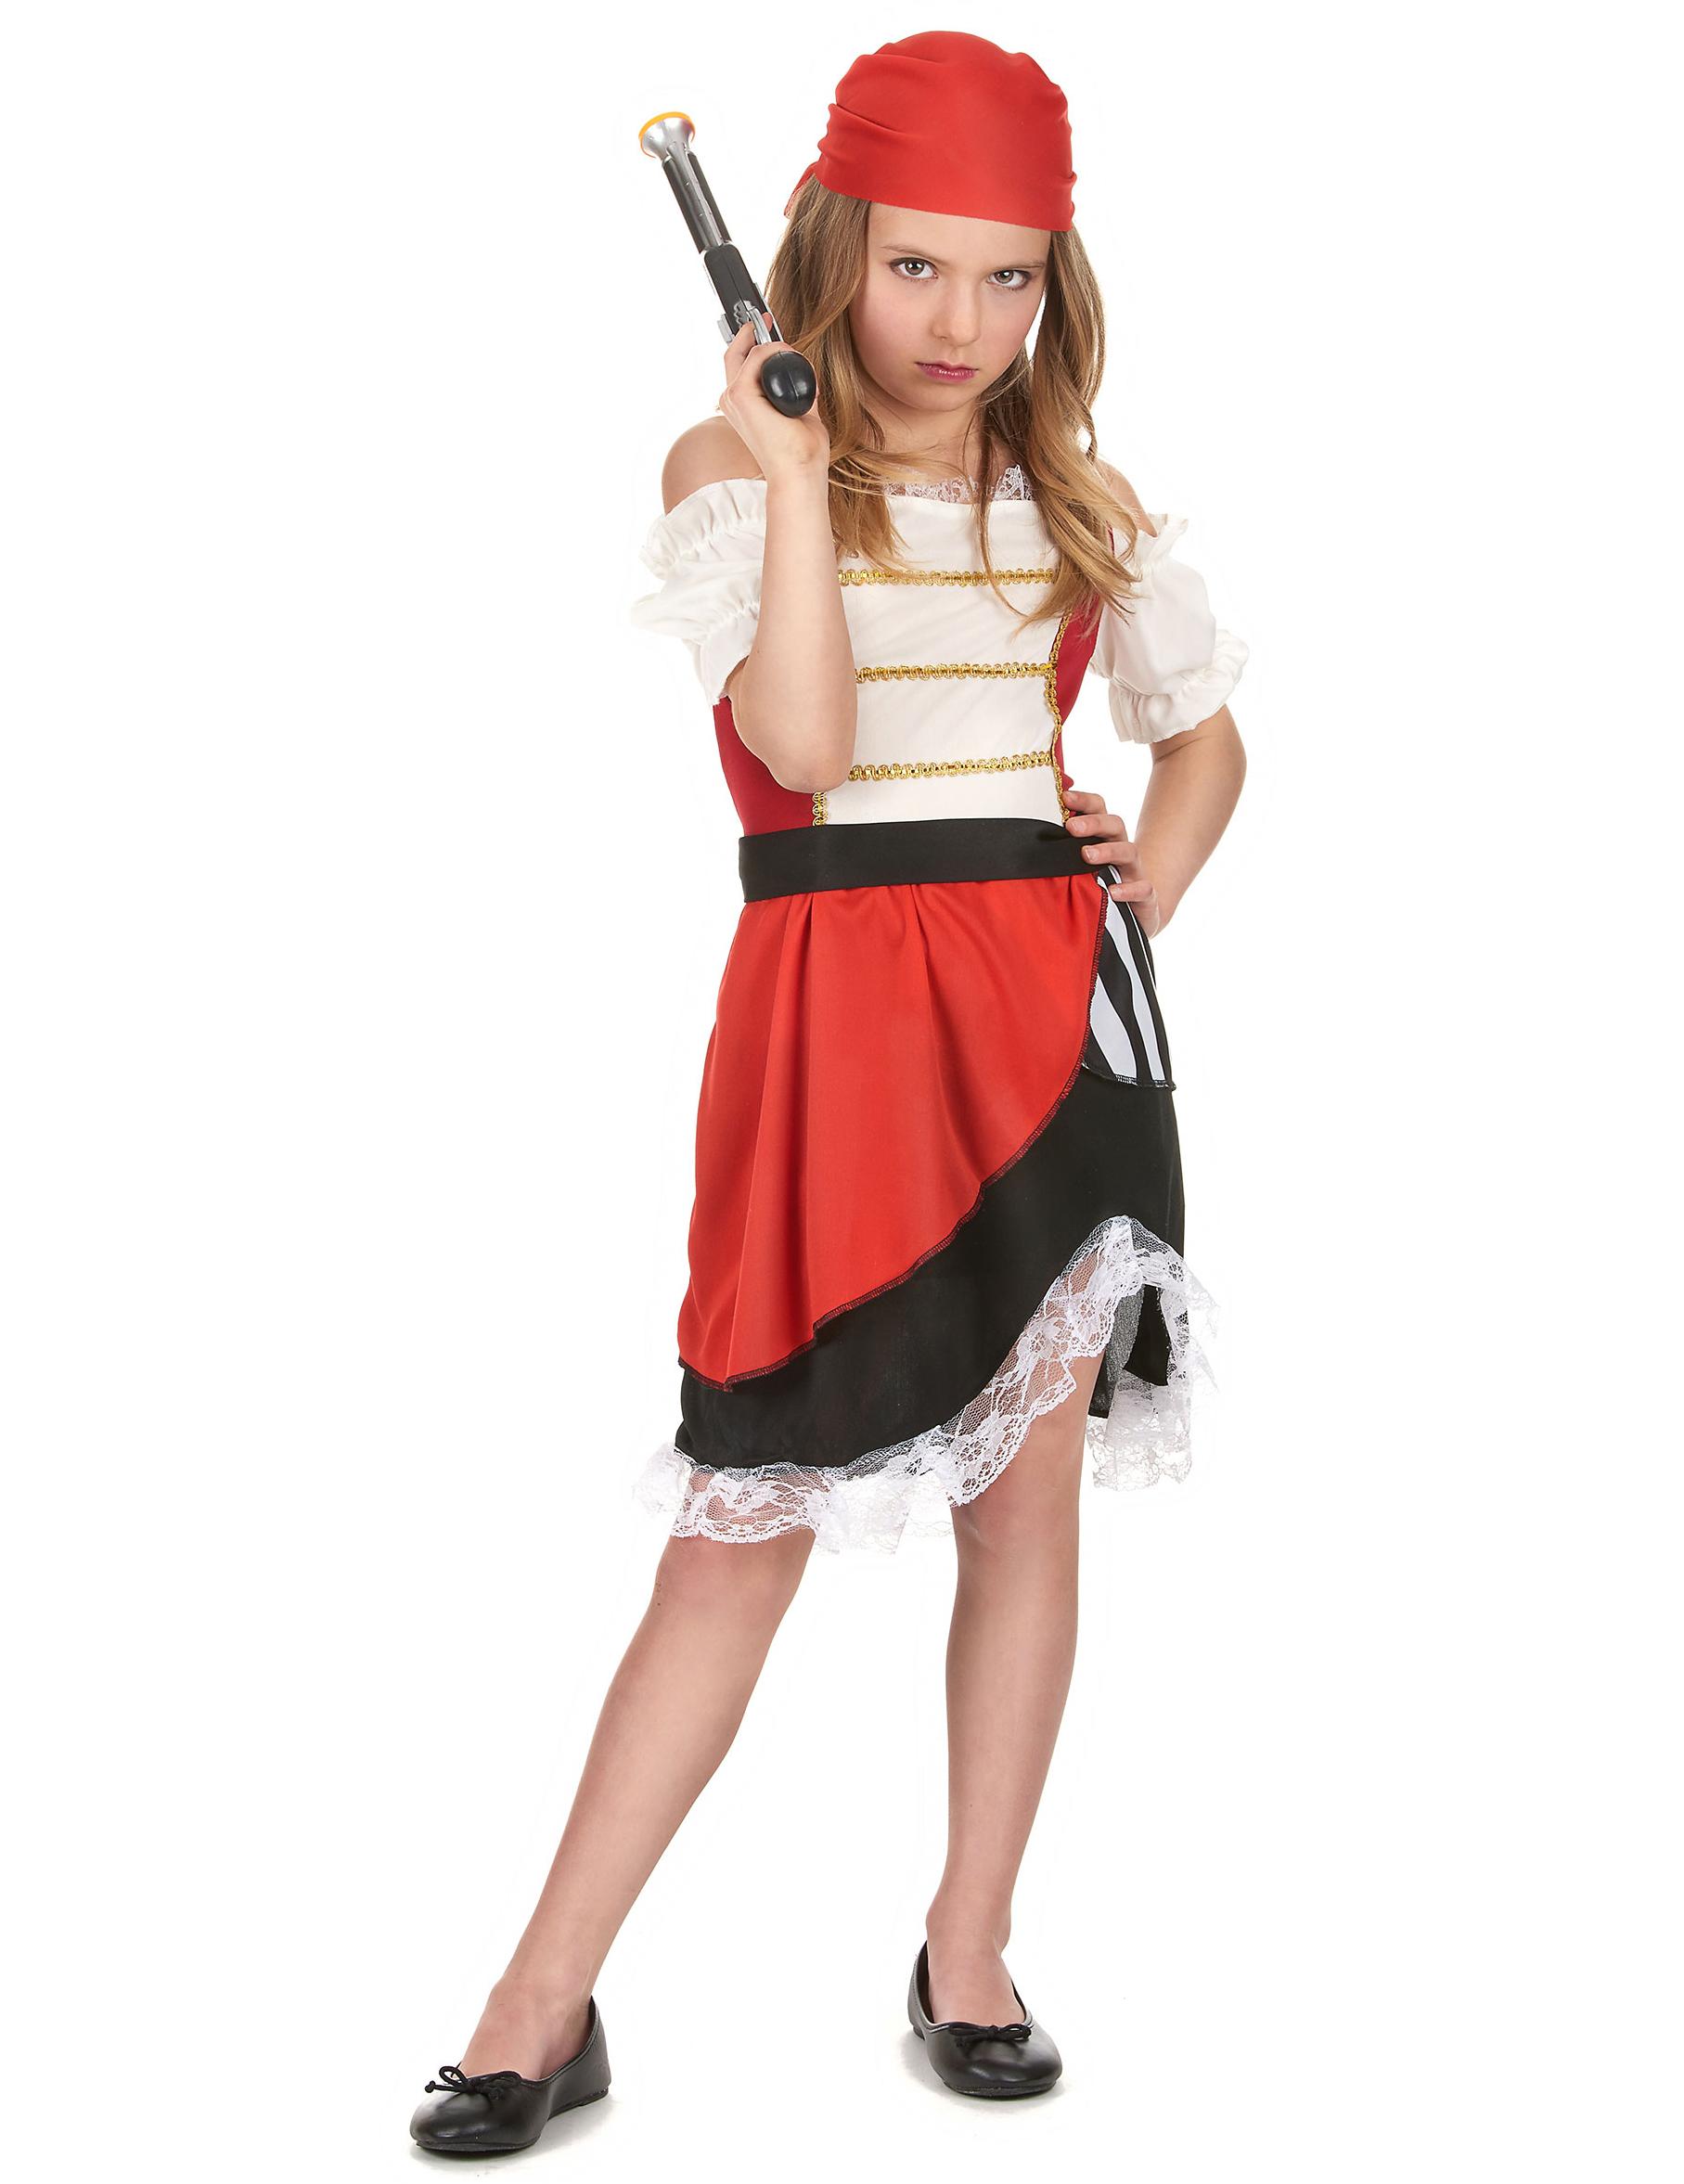 Piraten Kostum Fur Madchen Bunt Kostume Fur Kinder Und Gunstige